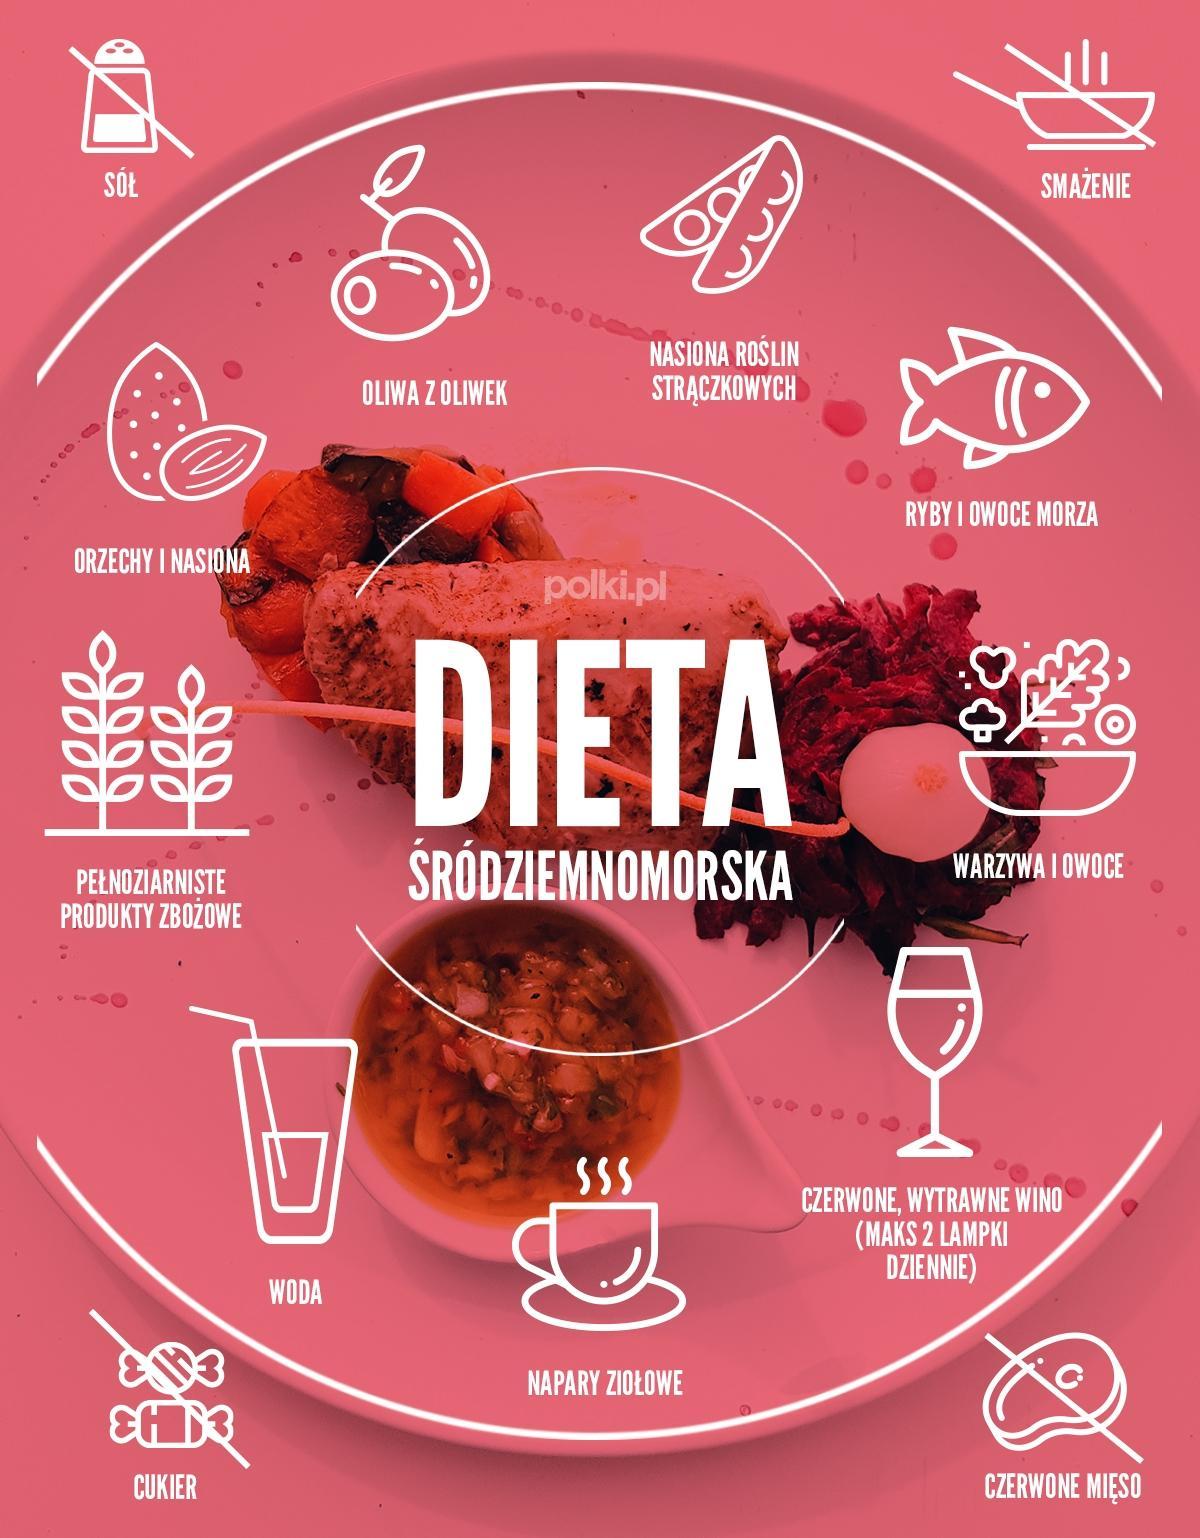 Dieta śródziemnomorska - co jeść